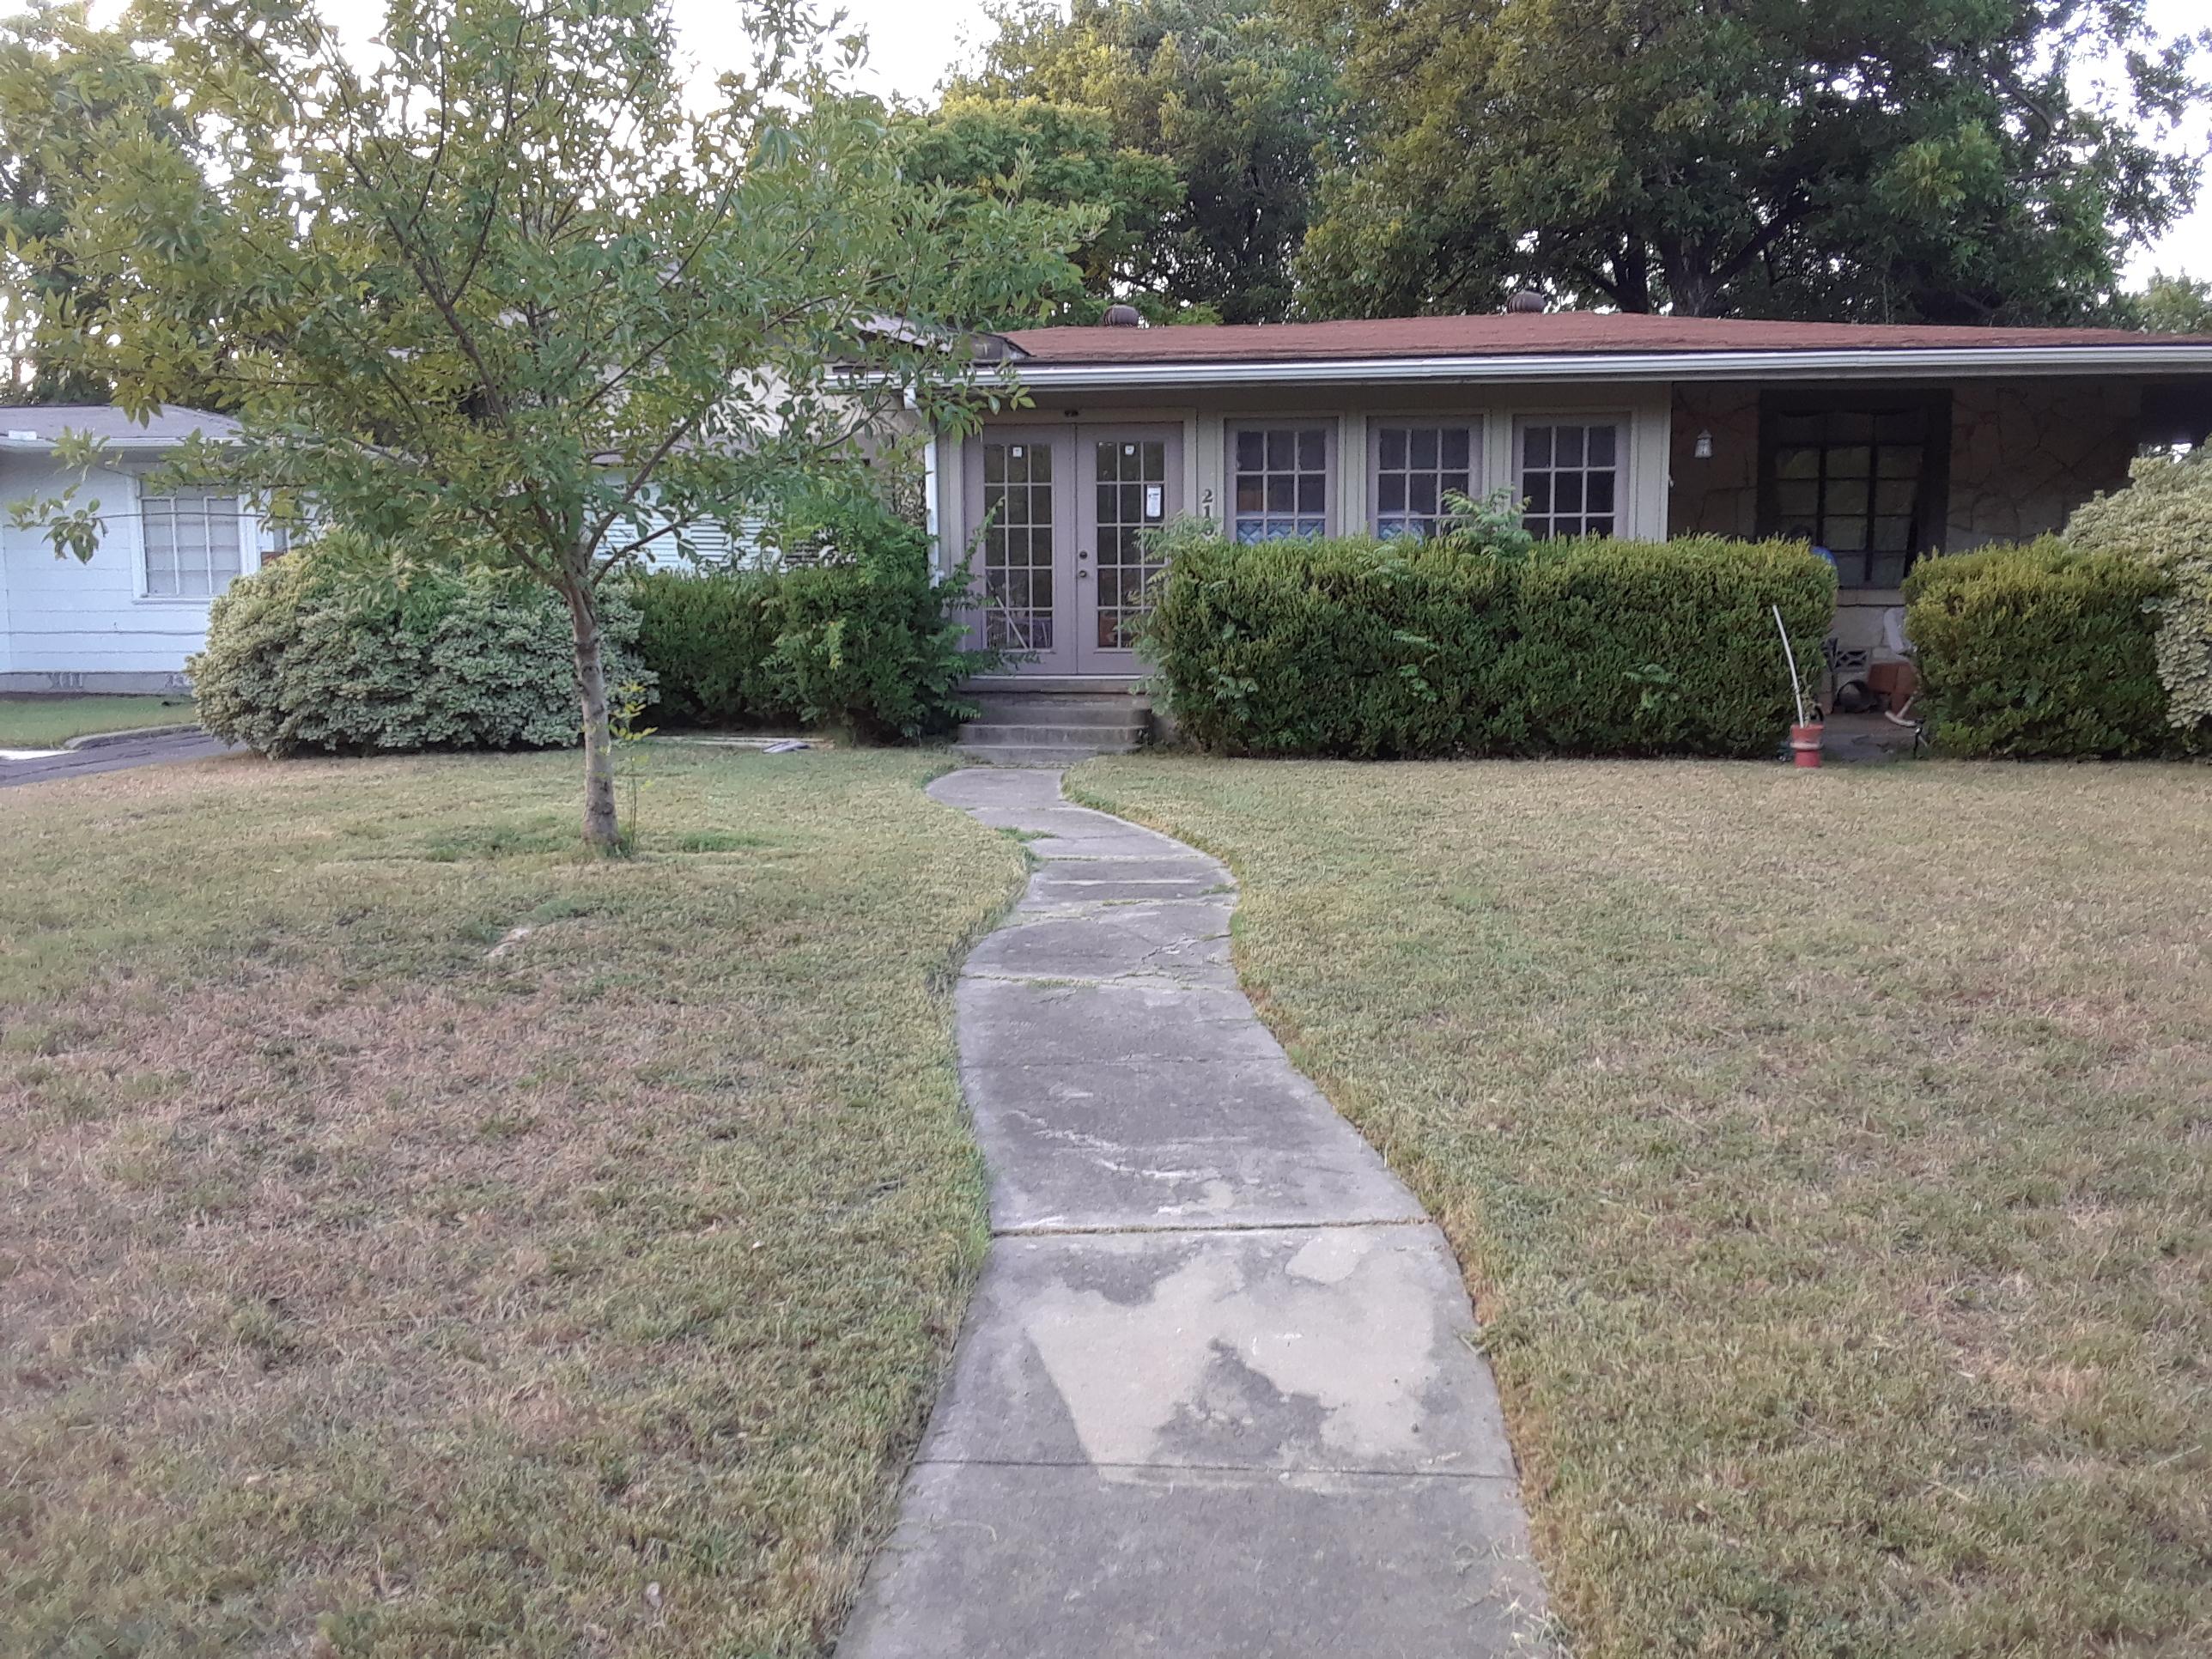 Yard mowing company in San Antonio, TX, 78203